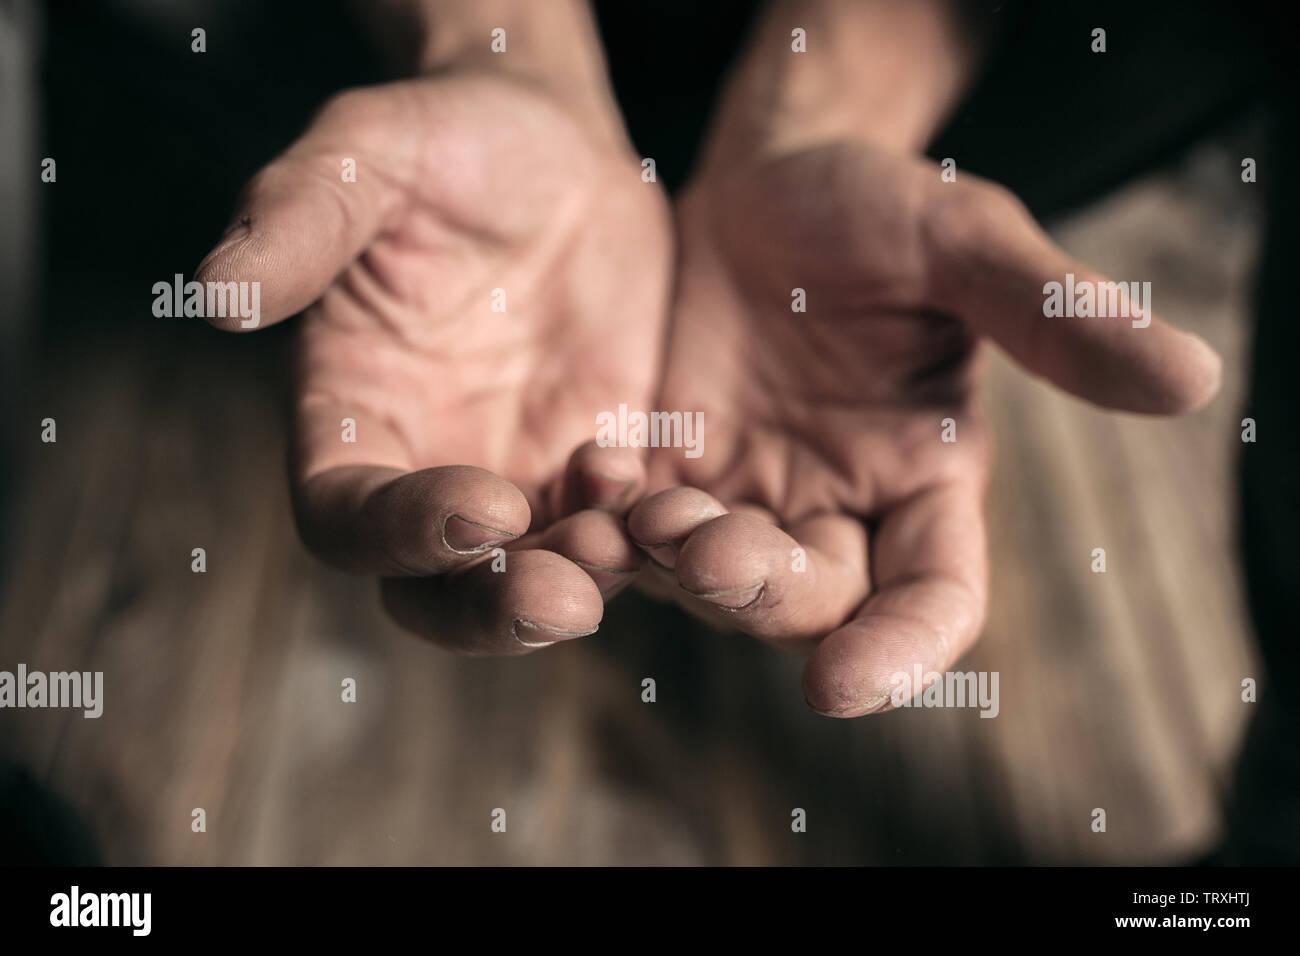 Varón mendigo manos para buscar dinero, monedas de bondad humana sobre el piso de madera en una calle o camino público de pasarela. Pobres sin hogar en la ciudad. Problemas con las finanzas, el lugar de residencia. Foto de stock